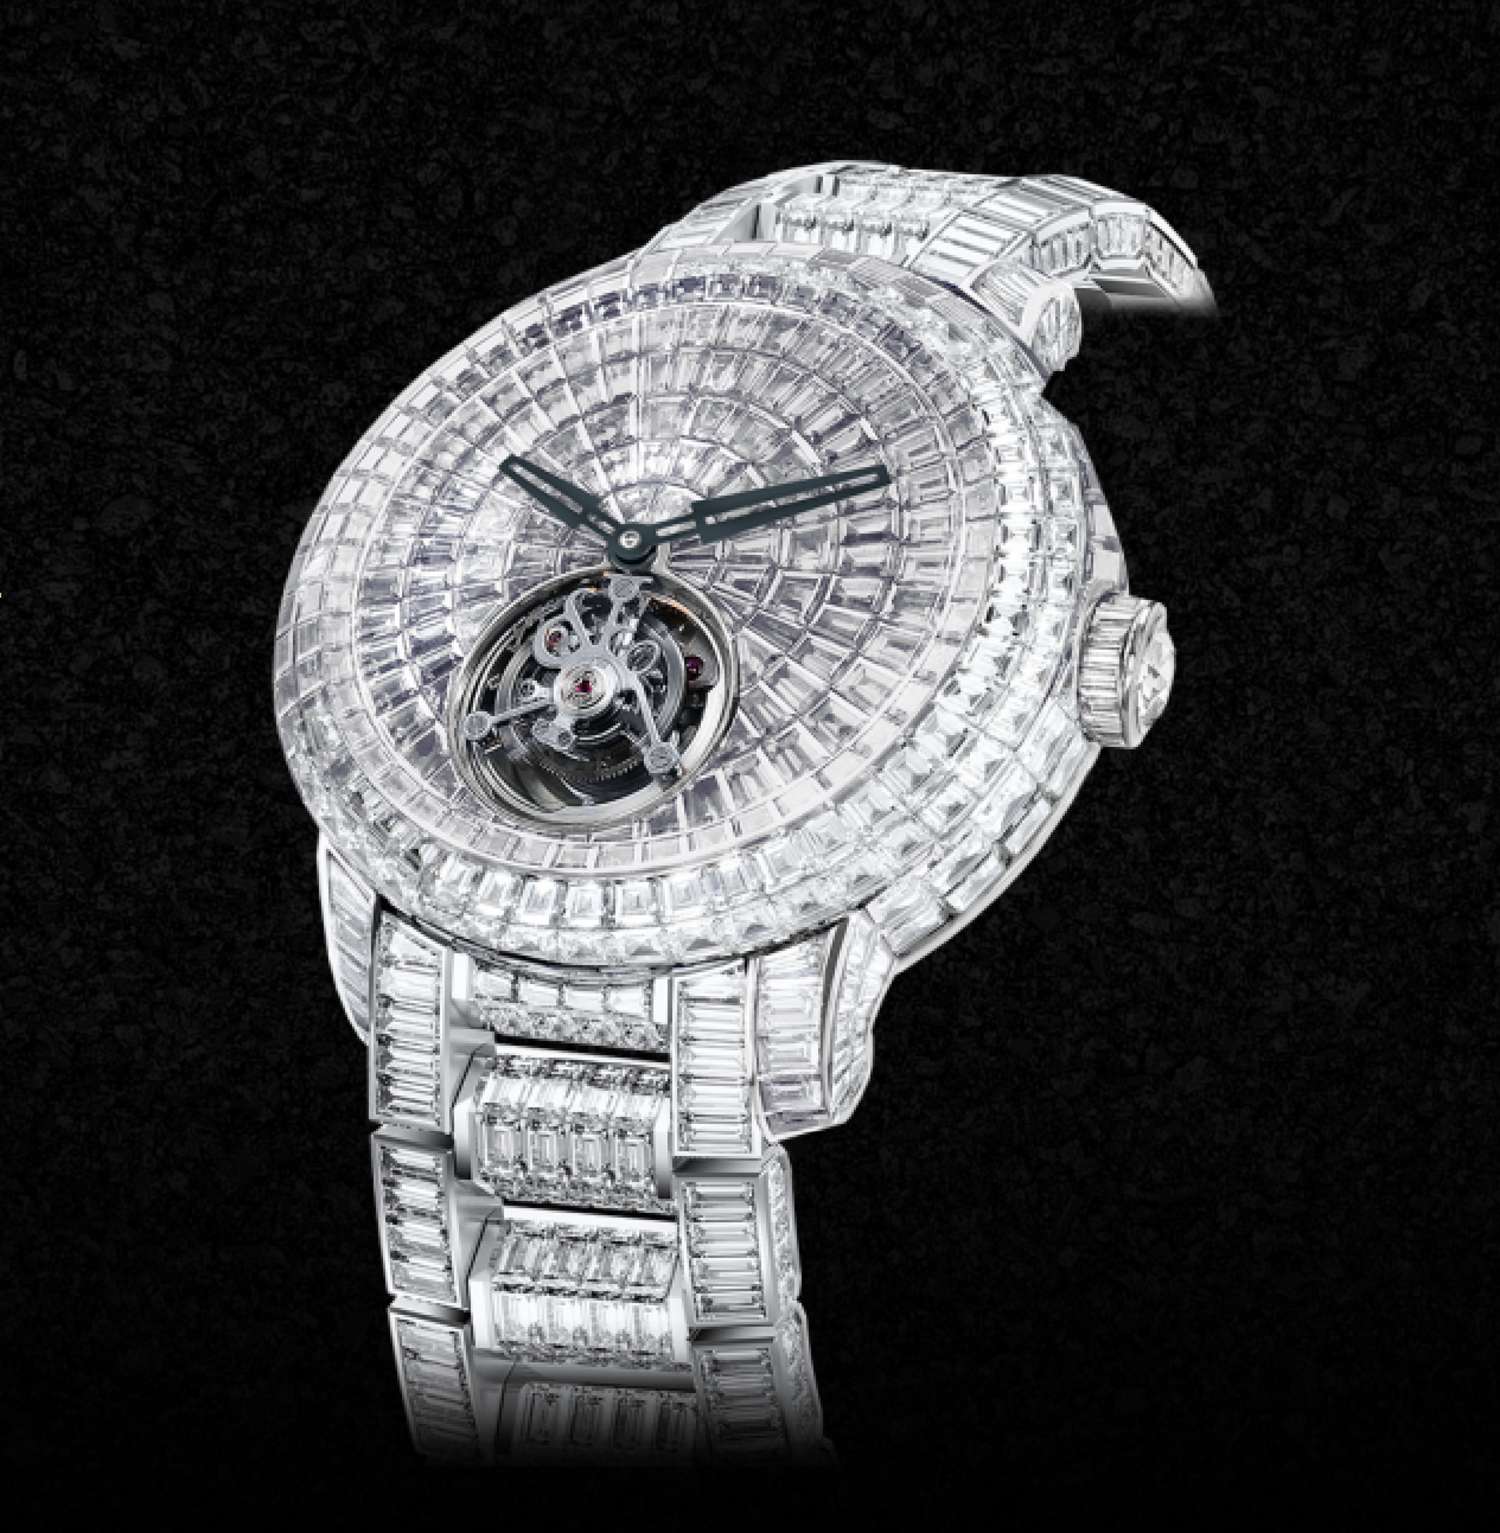 Este es el 'Caviar Tourbillon' que tiene el mismo estilo que el de CR7.